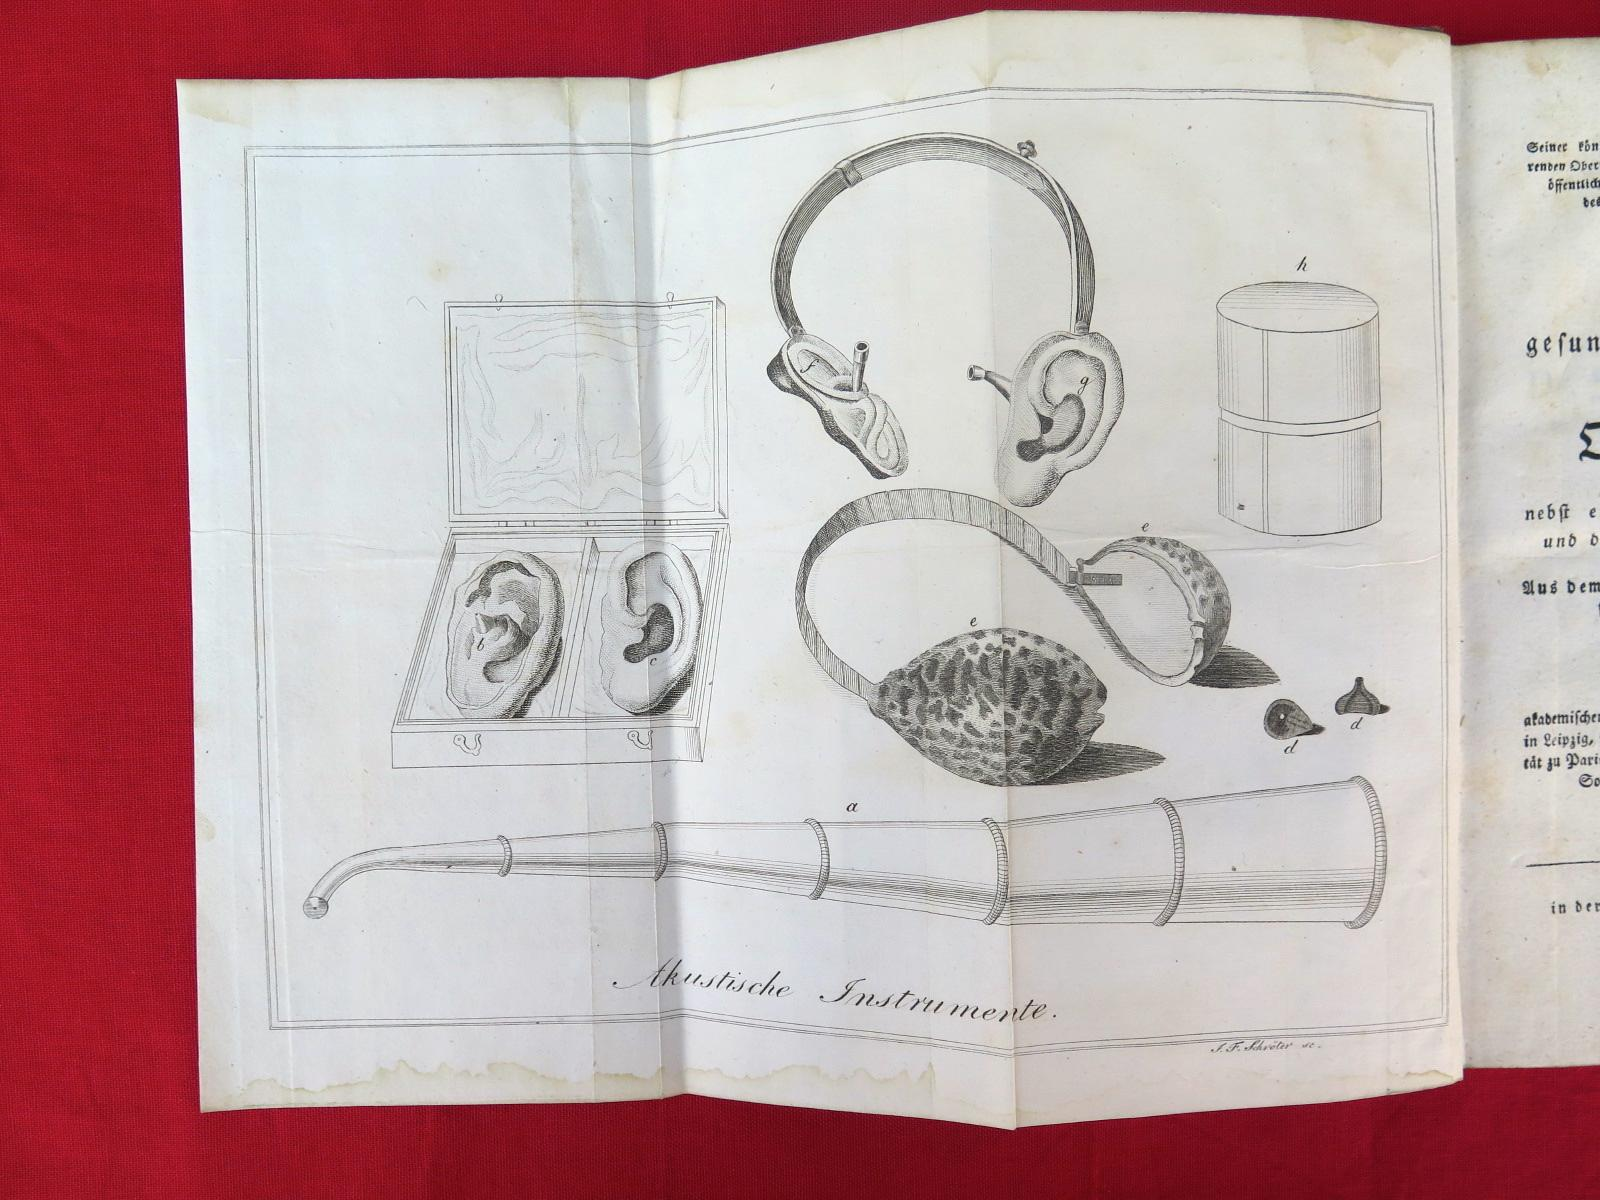 viaLibri ~ Rare Books from 1819 - Page 18